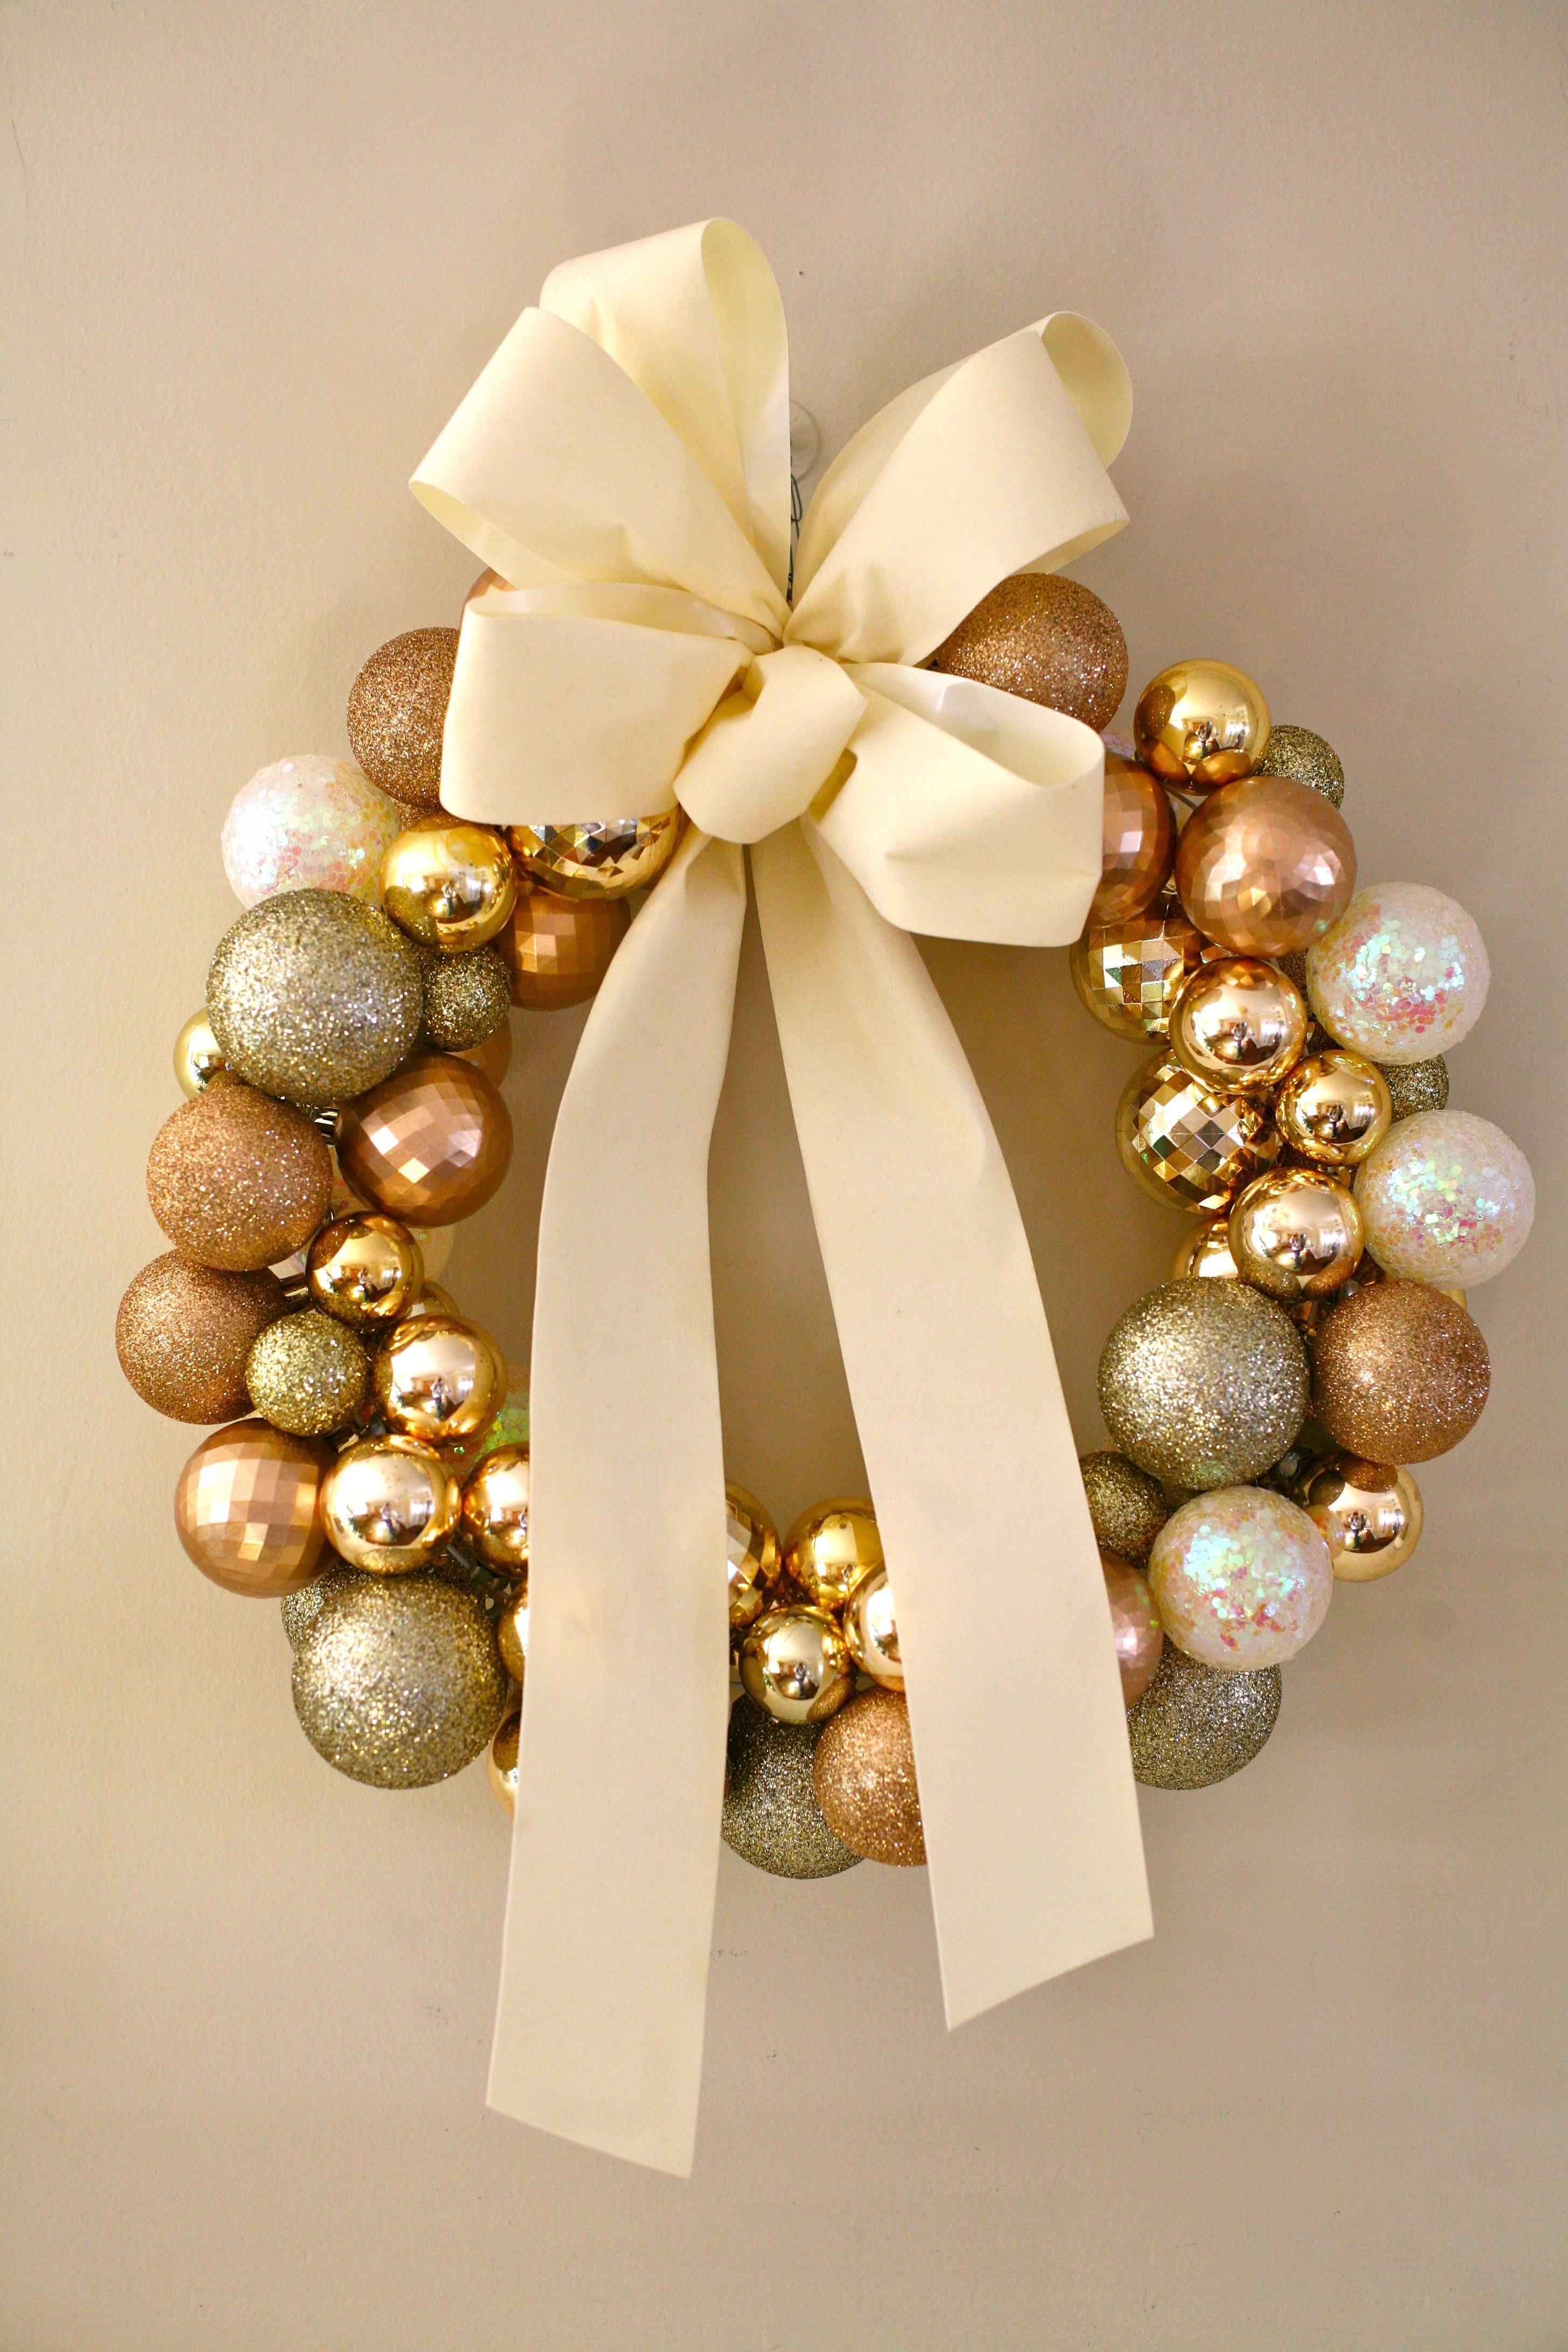 Домик новогодний на елку своими руками